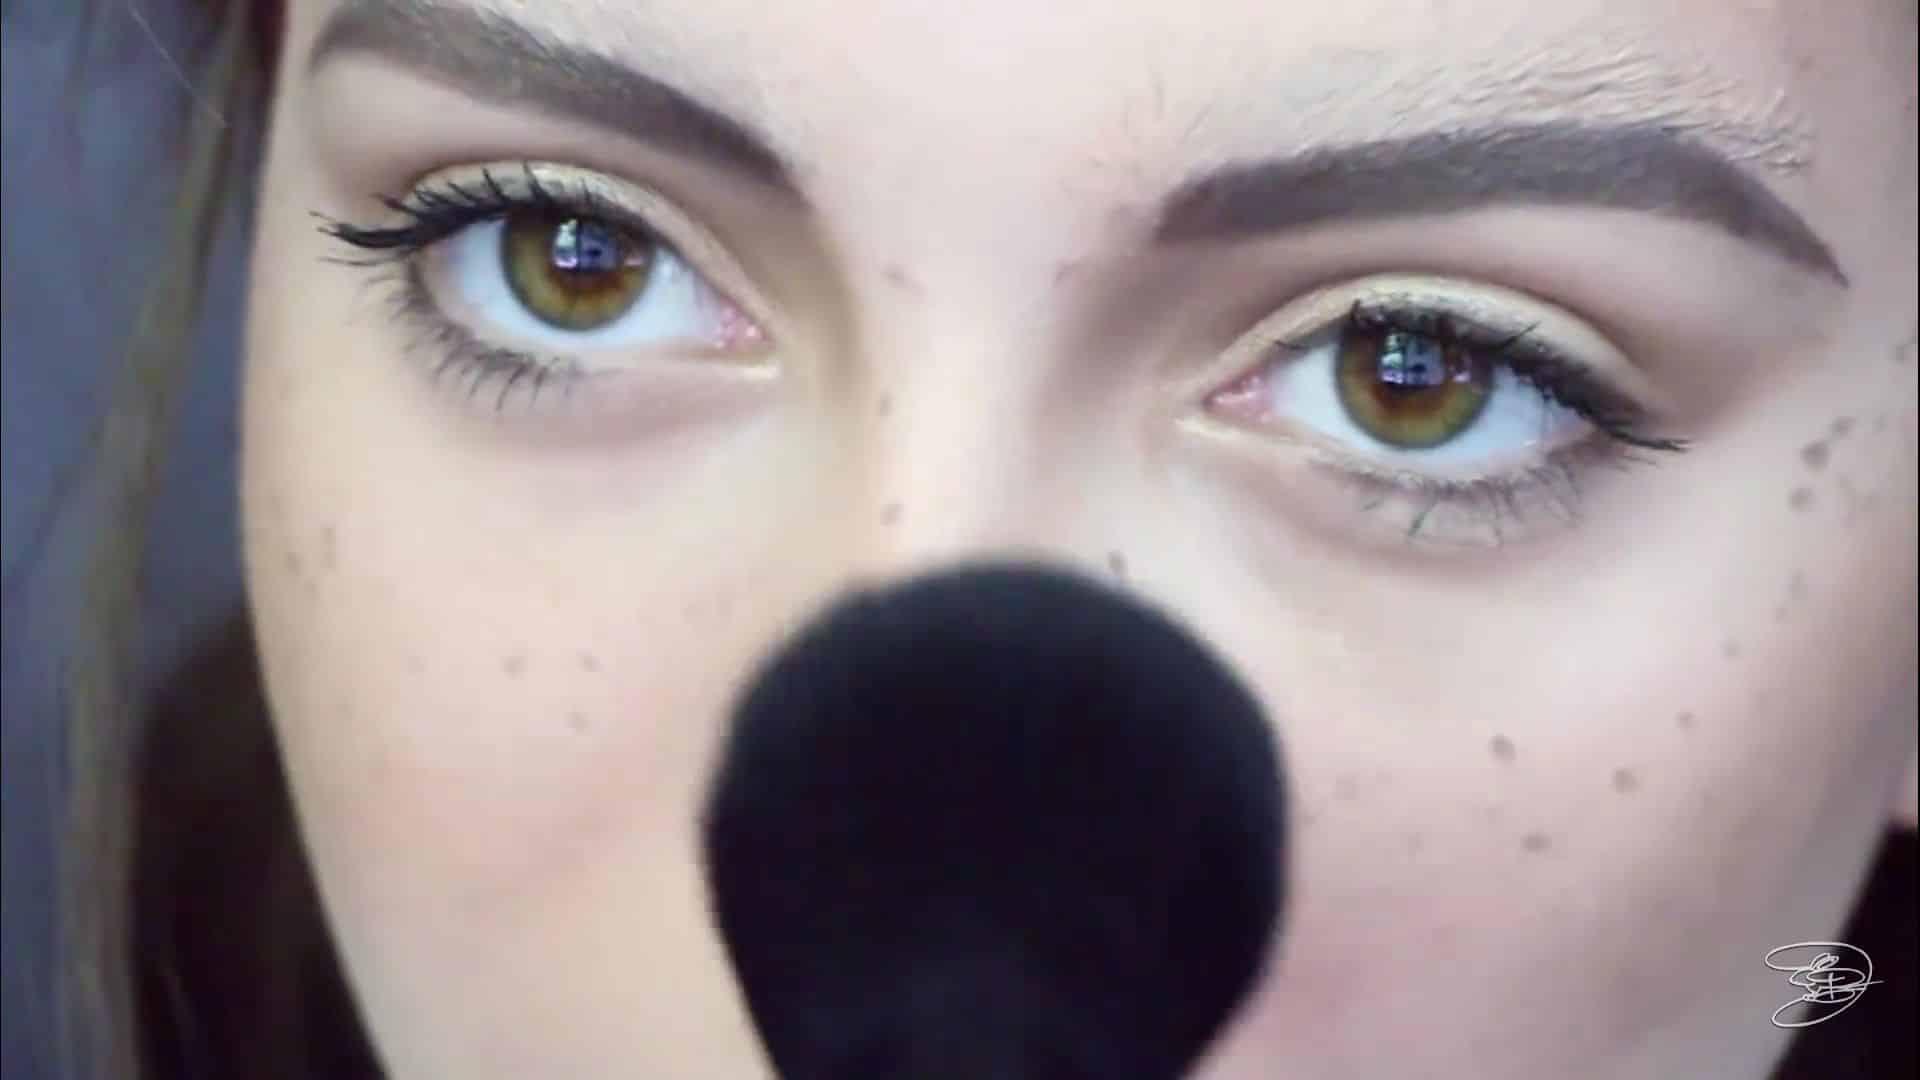 Maquíllate como la princesa la Bella de Emma Watson Jbunzie 2020, polvo translucido en las pecas.